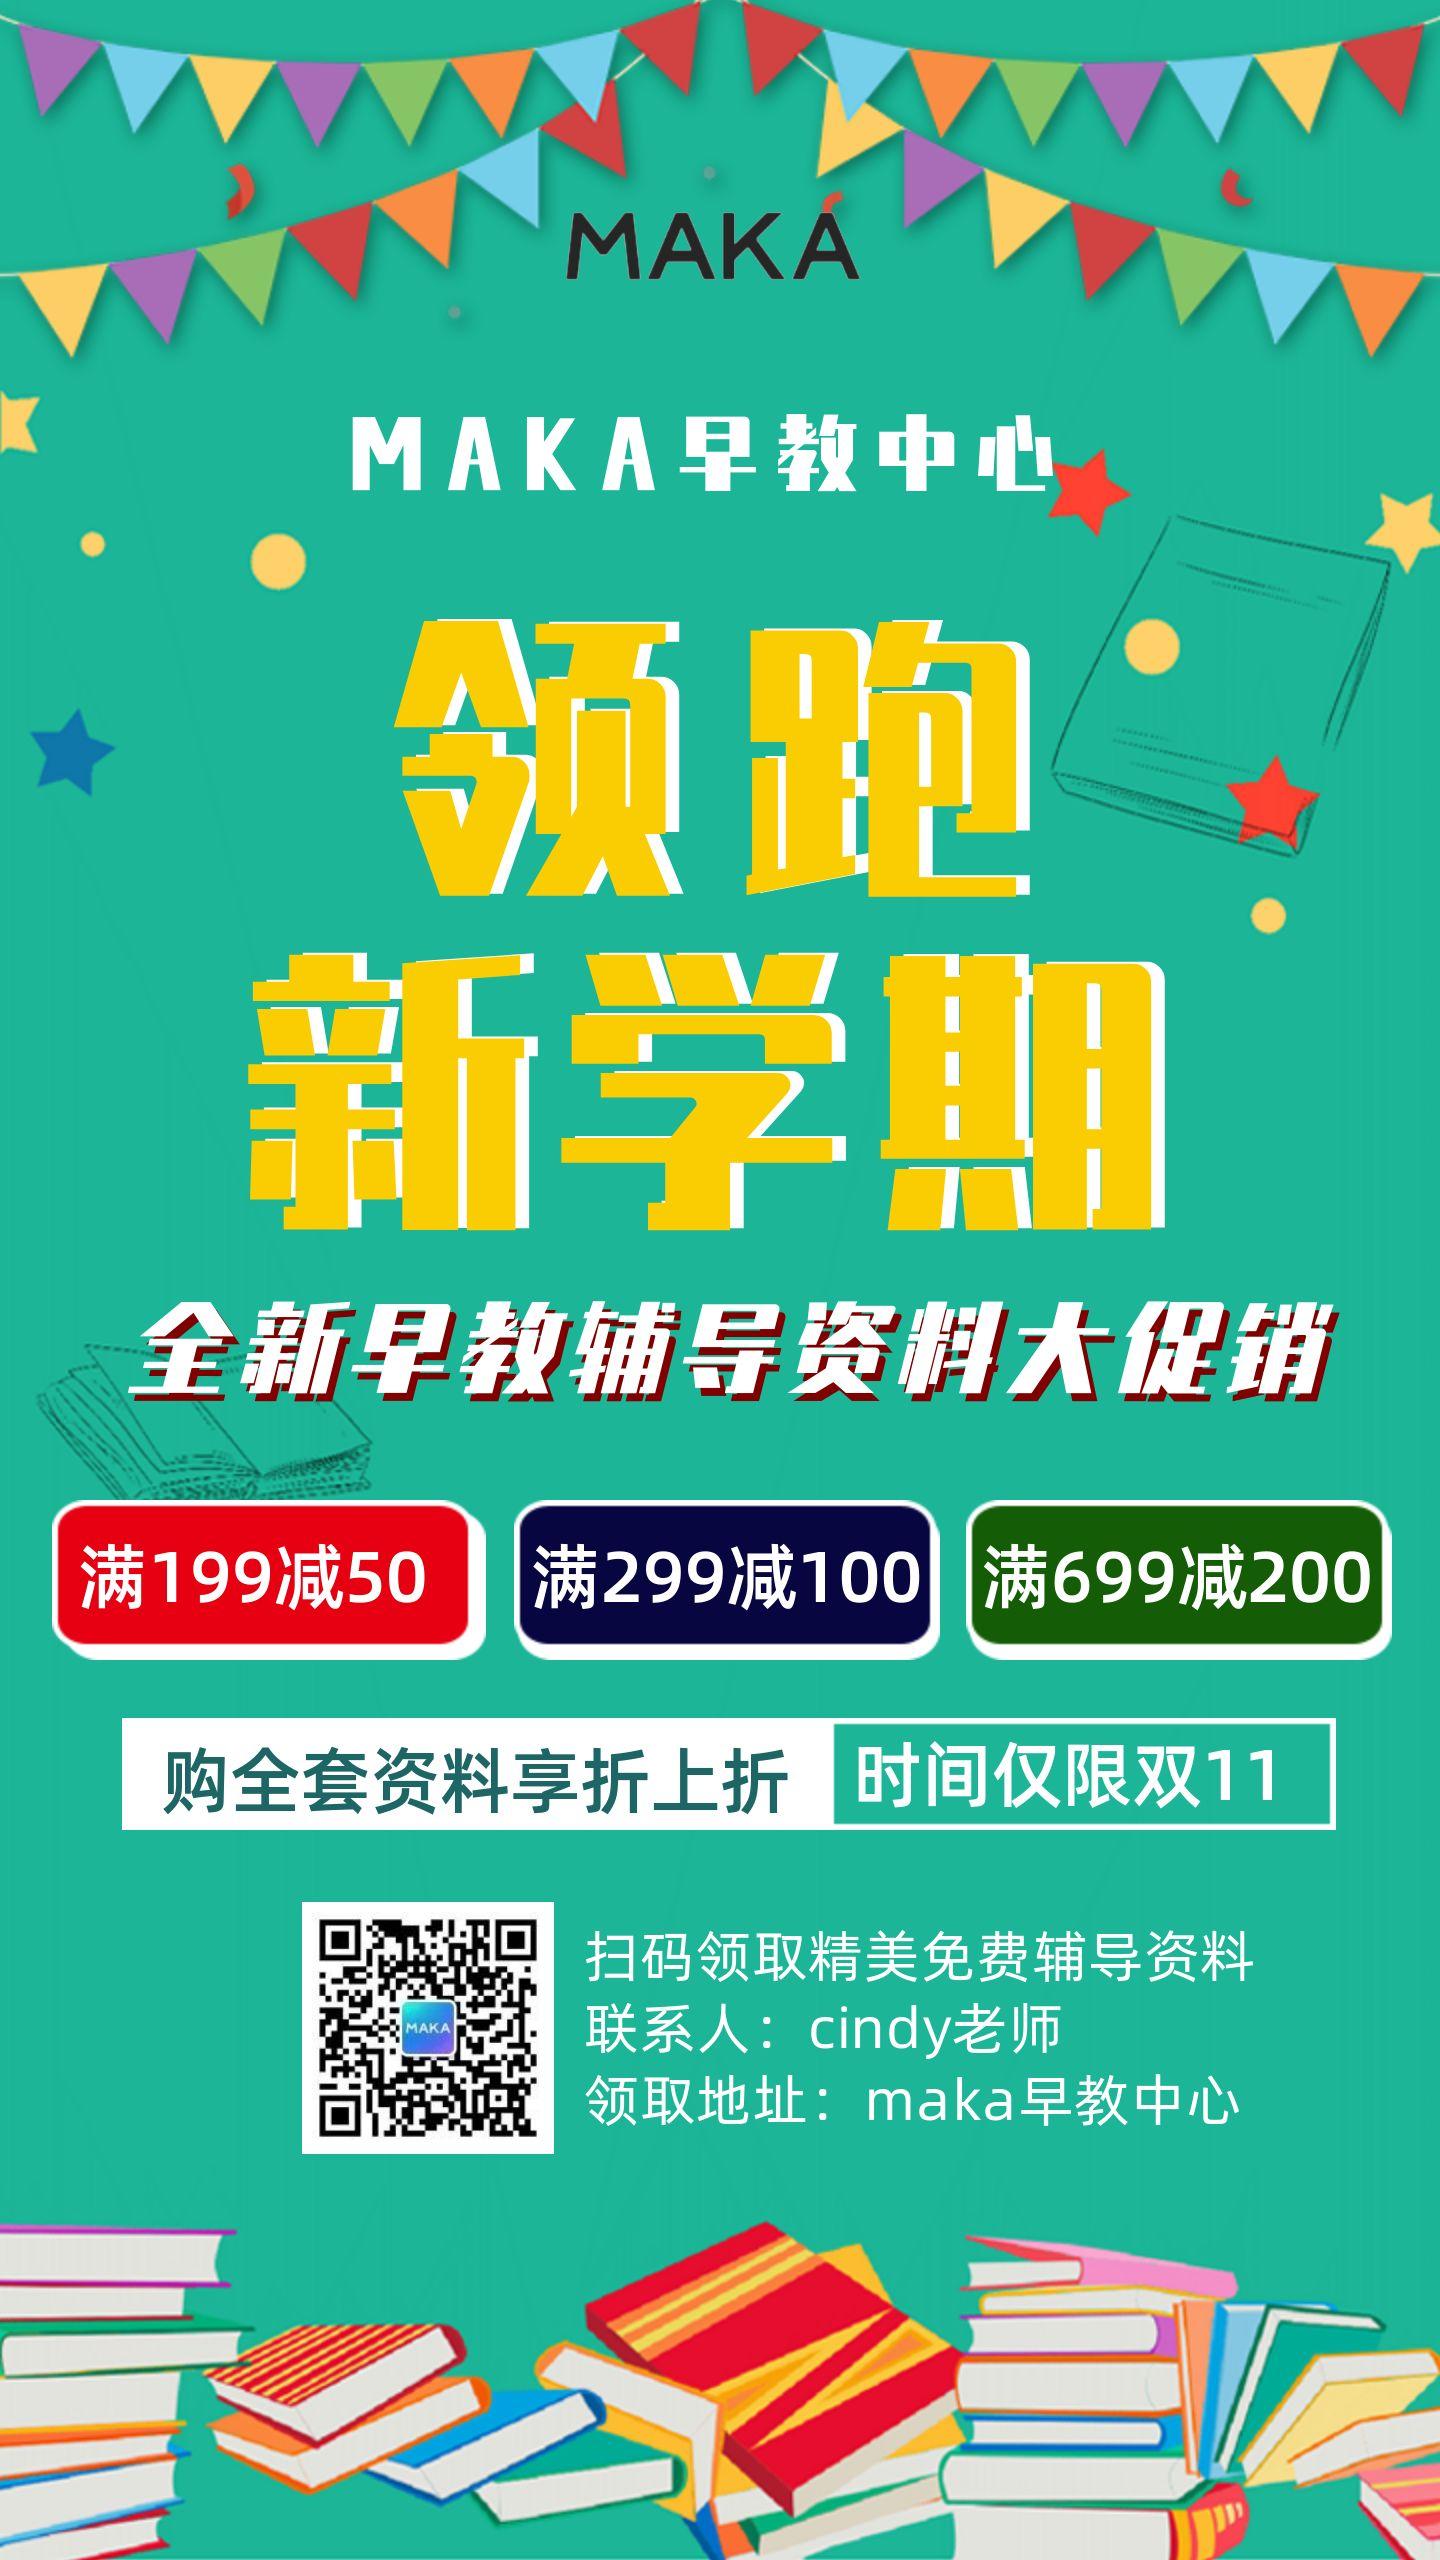 清新绿色卡通早教中心辅导材料促销打折活动海报